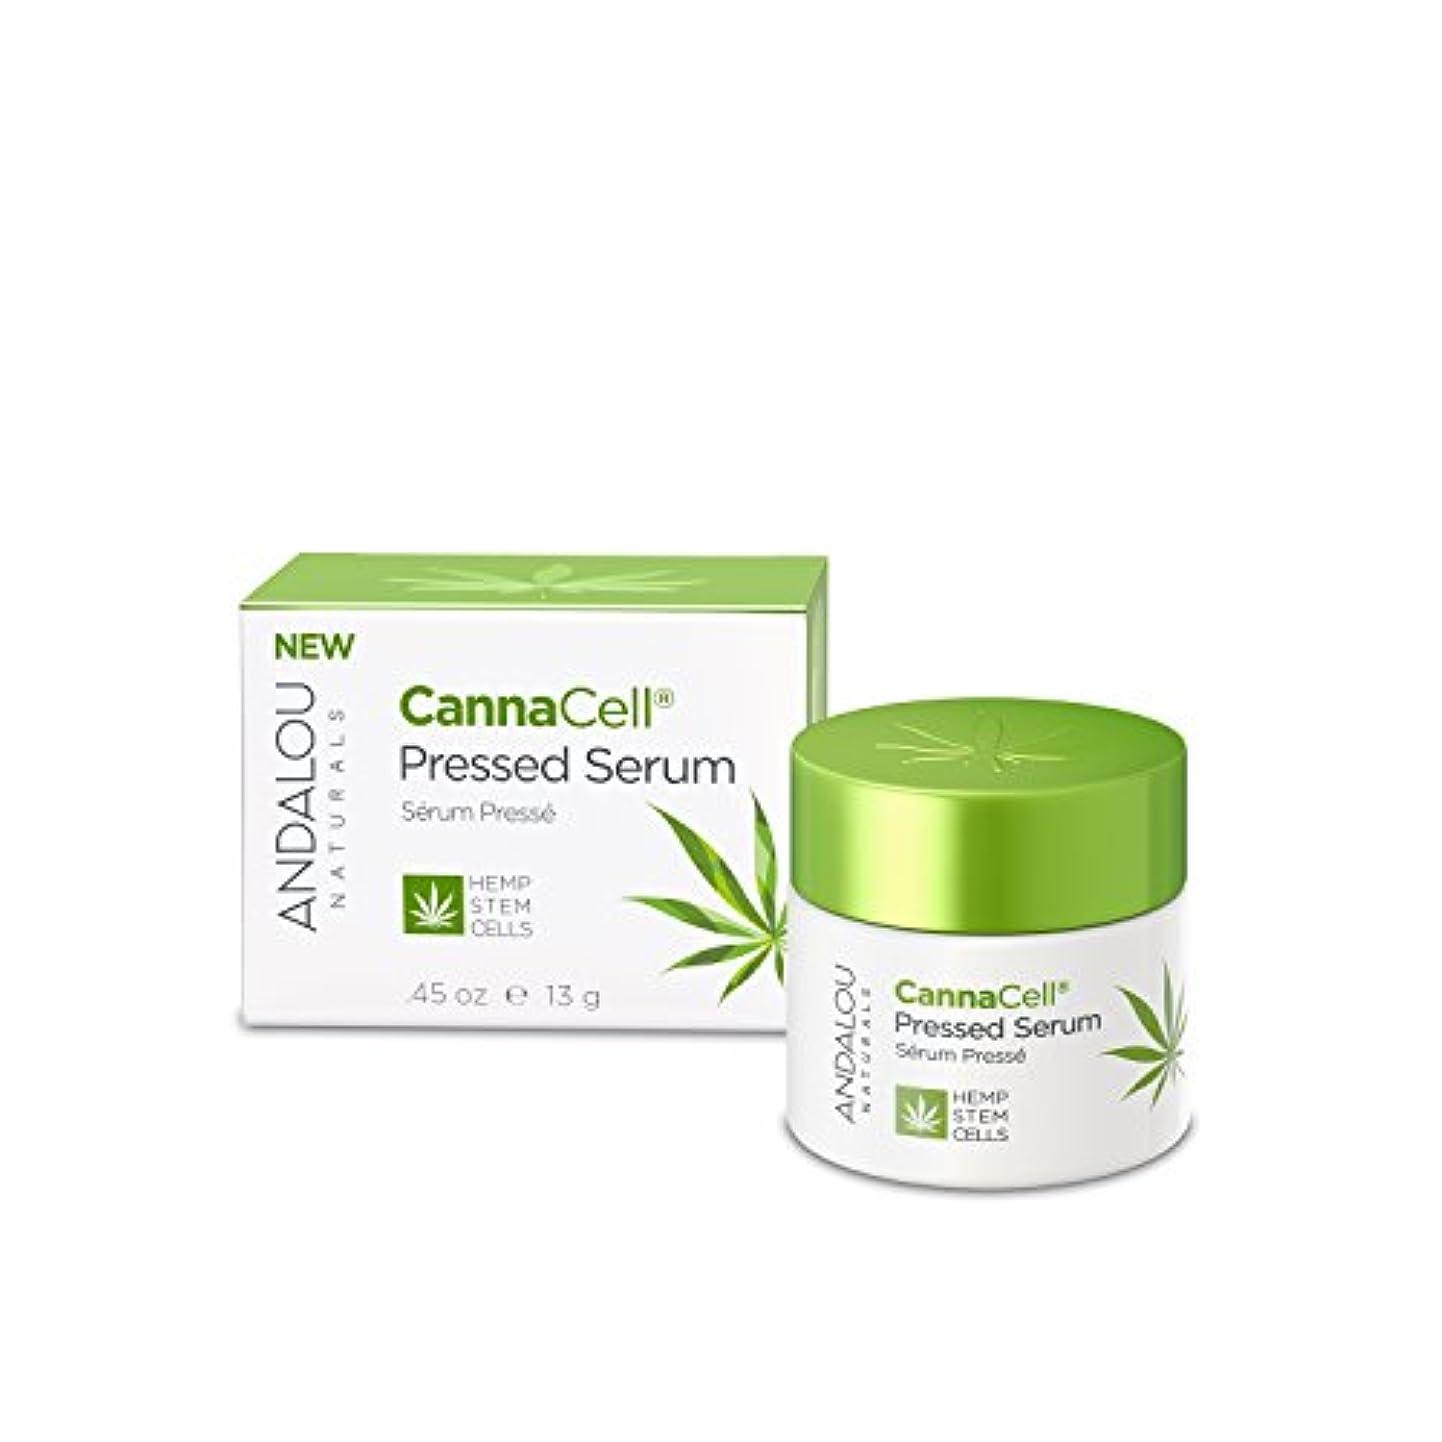 限りなく抜本的な休眠オーガニック ボタニカル 美容液 セラム ナチュラル フルーツ幹細胞 ヘンプ幹細胞 「 CannaCell® プレストセラム 」 ANDALOU naturals アンダルー ナチュラルズ